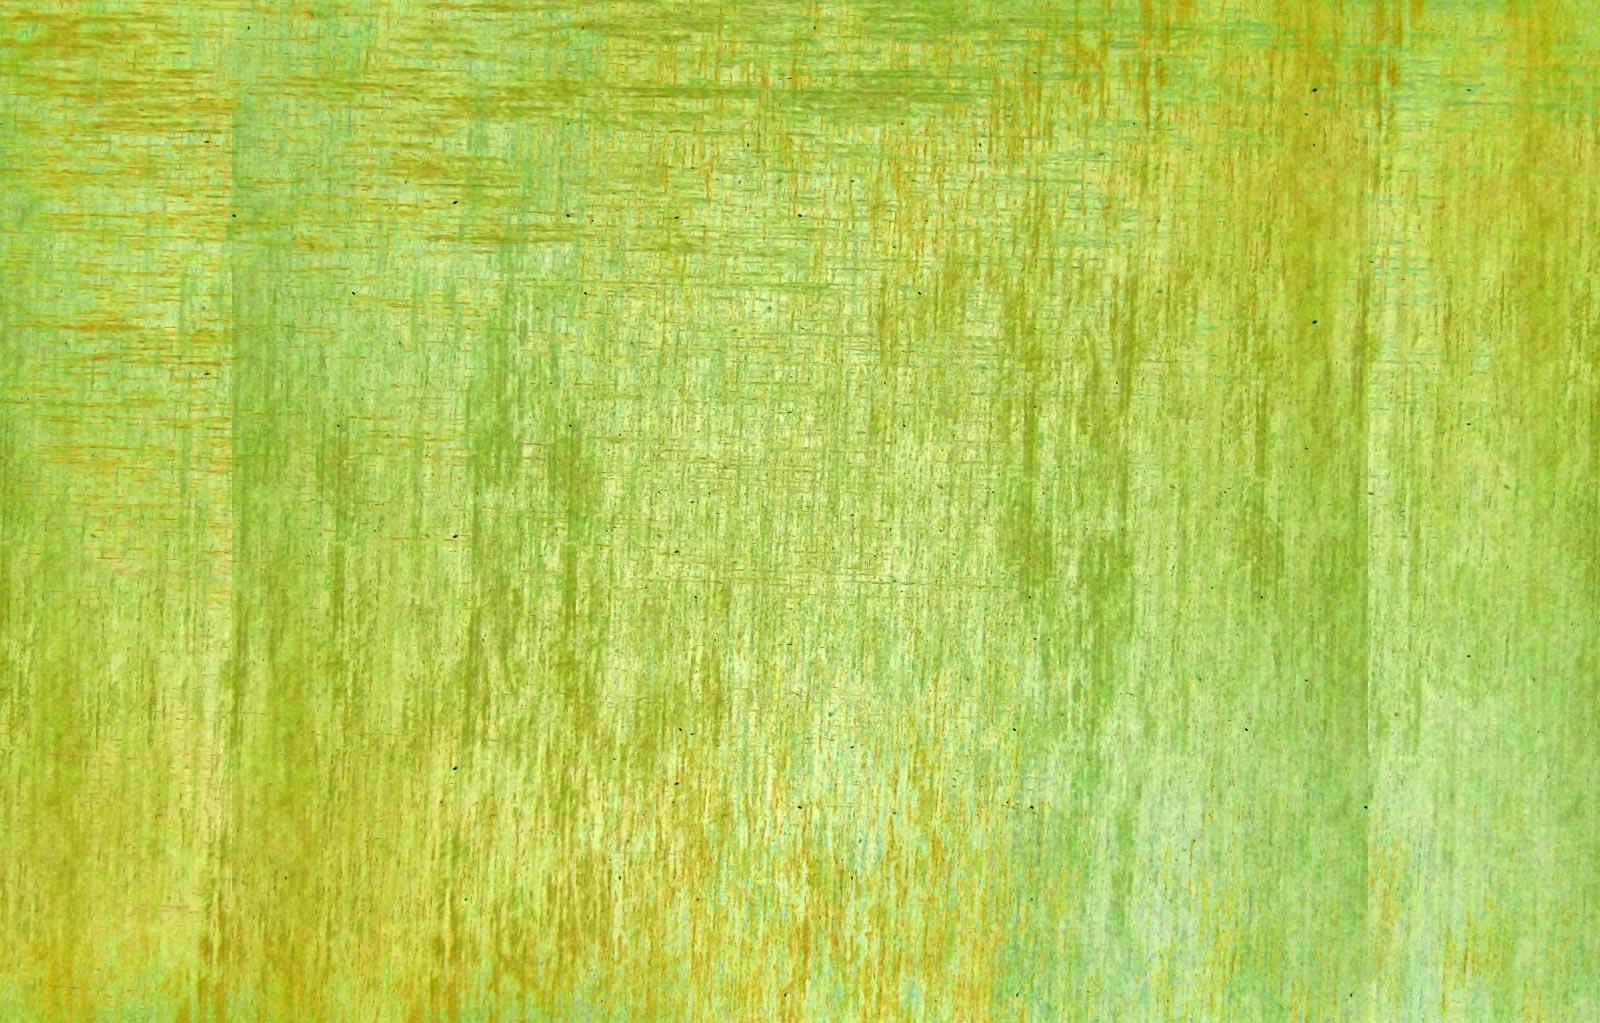 Ilustración gratis - Tejido de fibras verdes